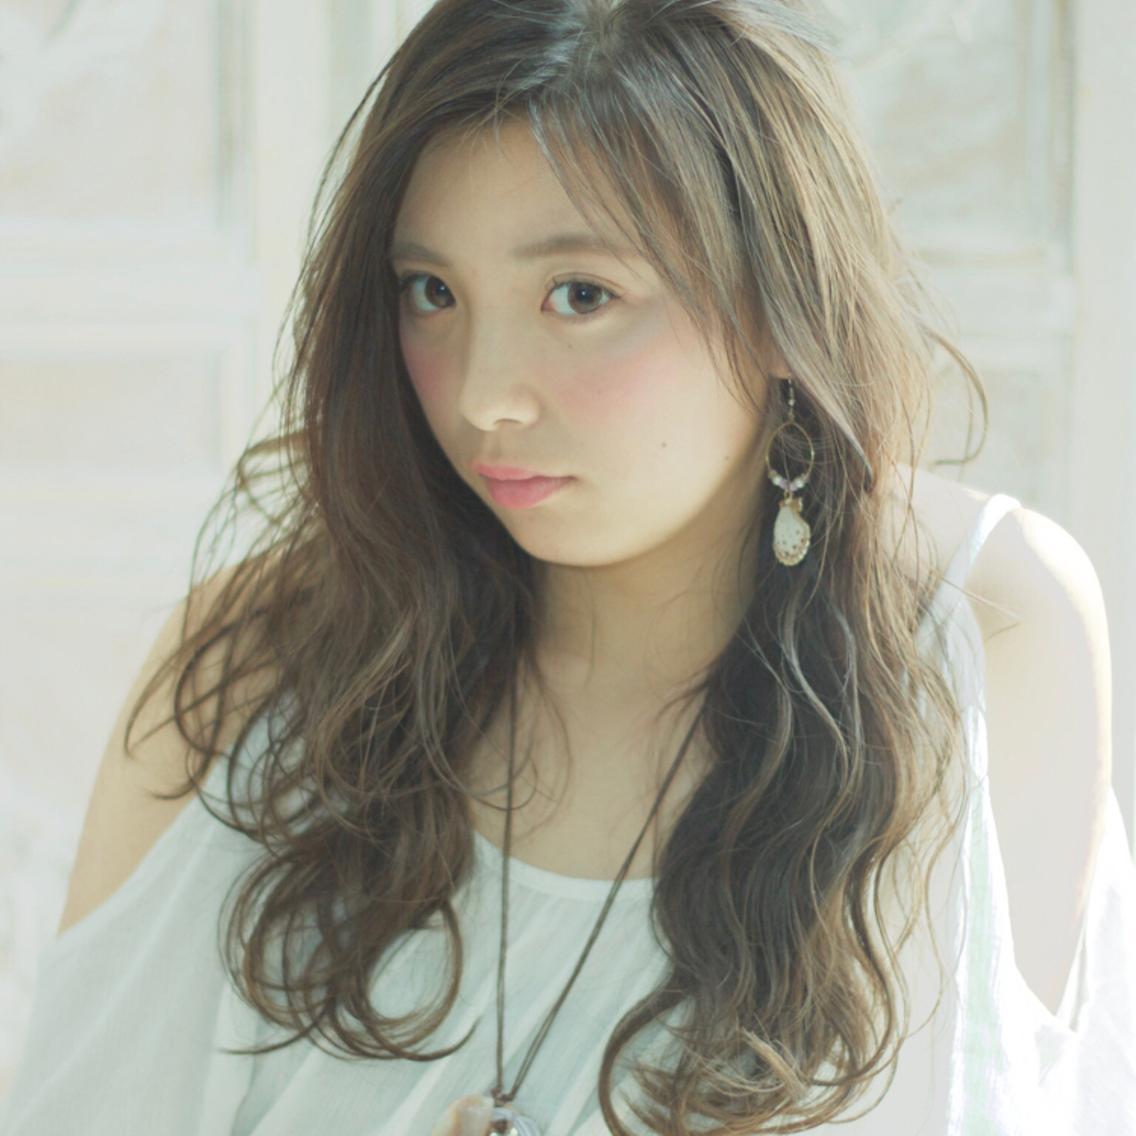 カット&縮毛矯正&インプライムトリートメント¥8500